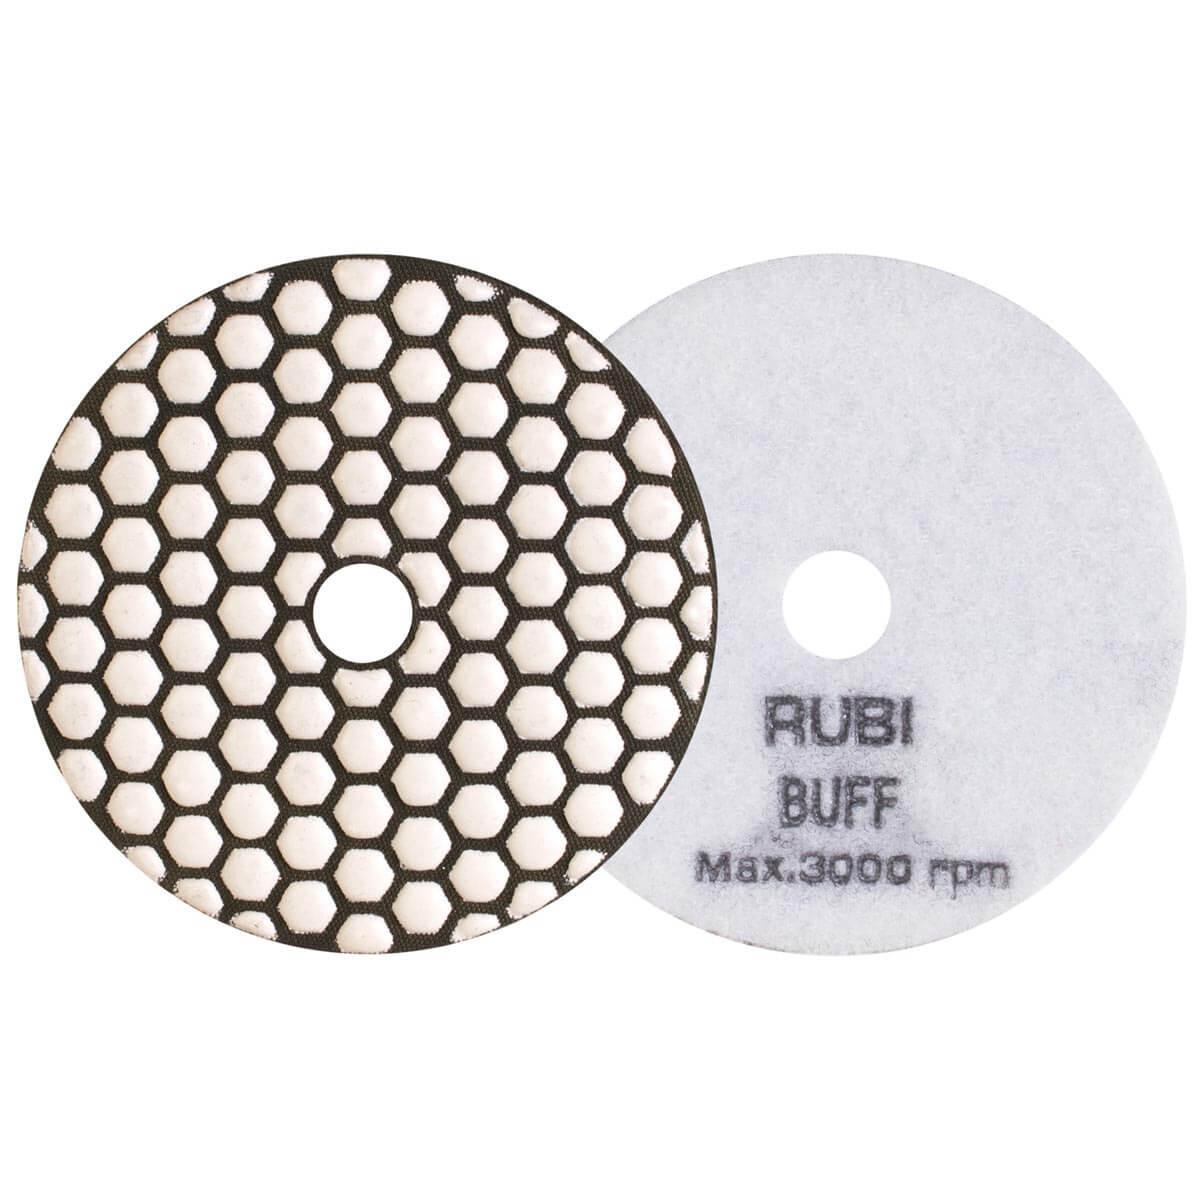 Rubi Dry stone Polishing Pads